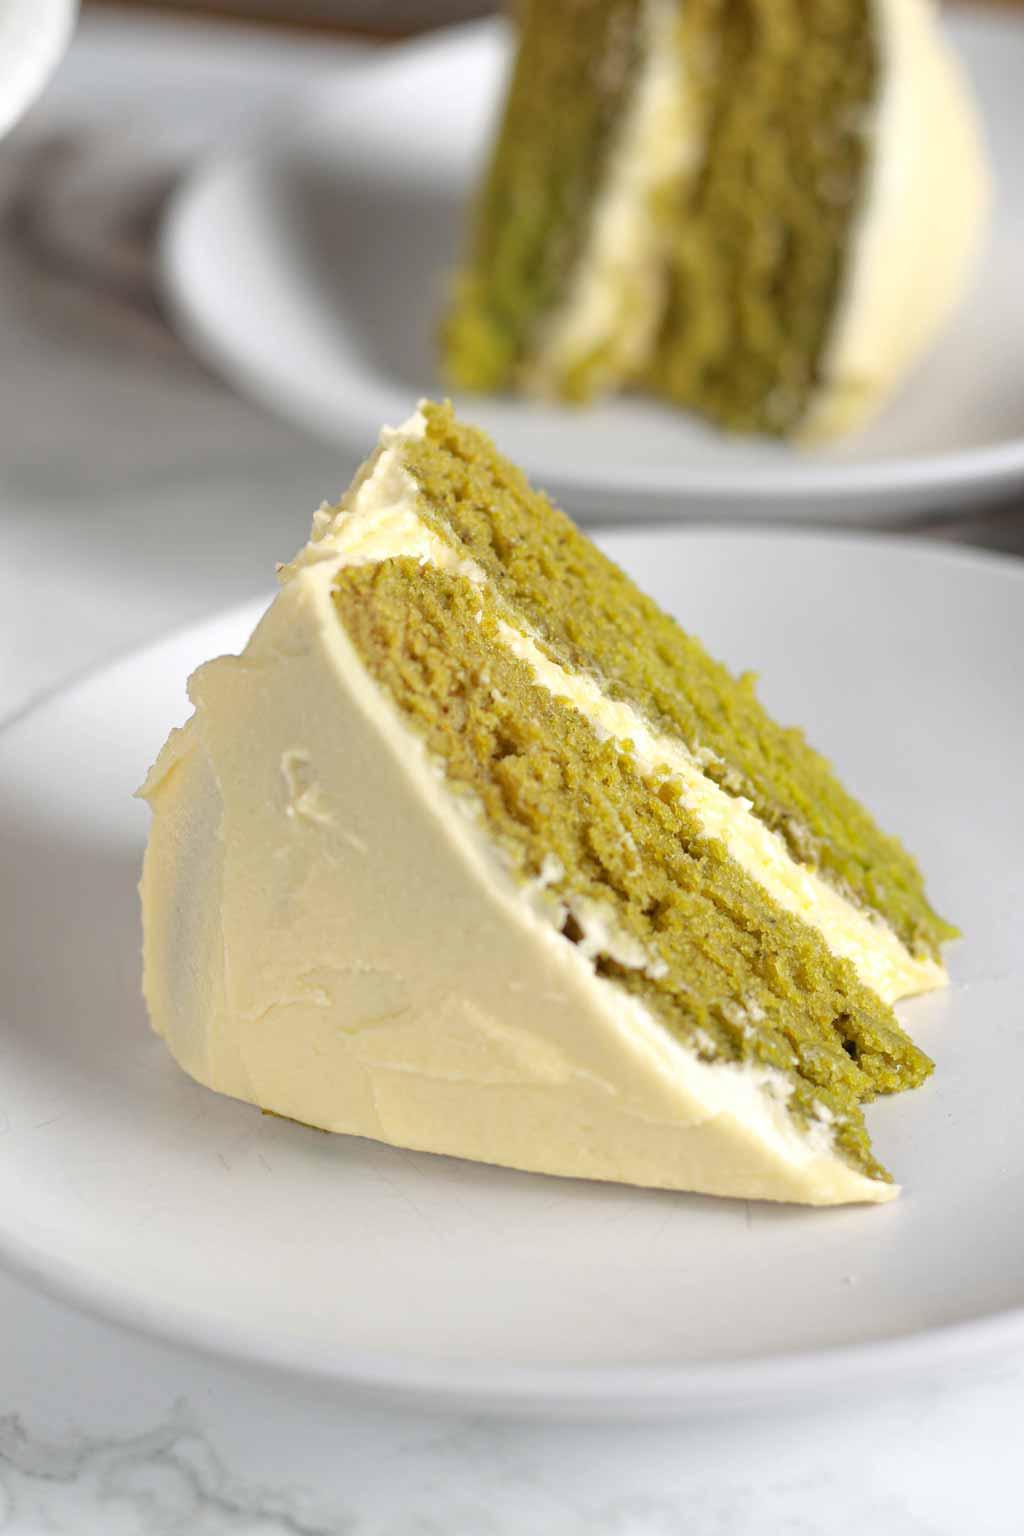 Slices Of Matcha Cake On White Plates